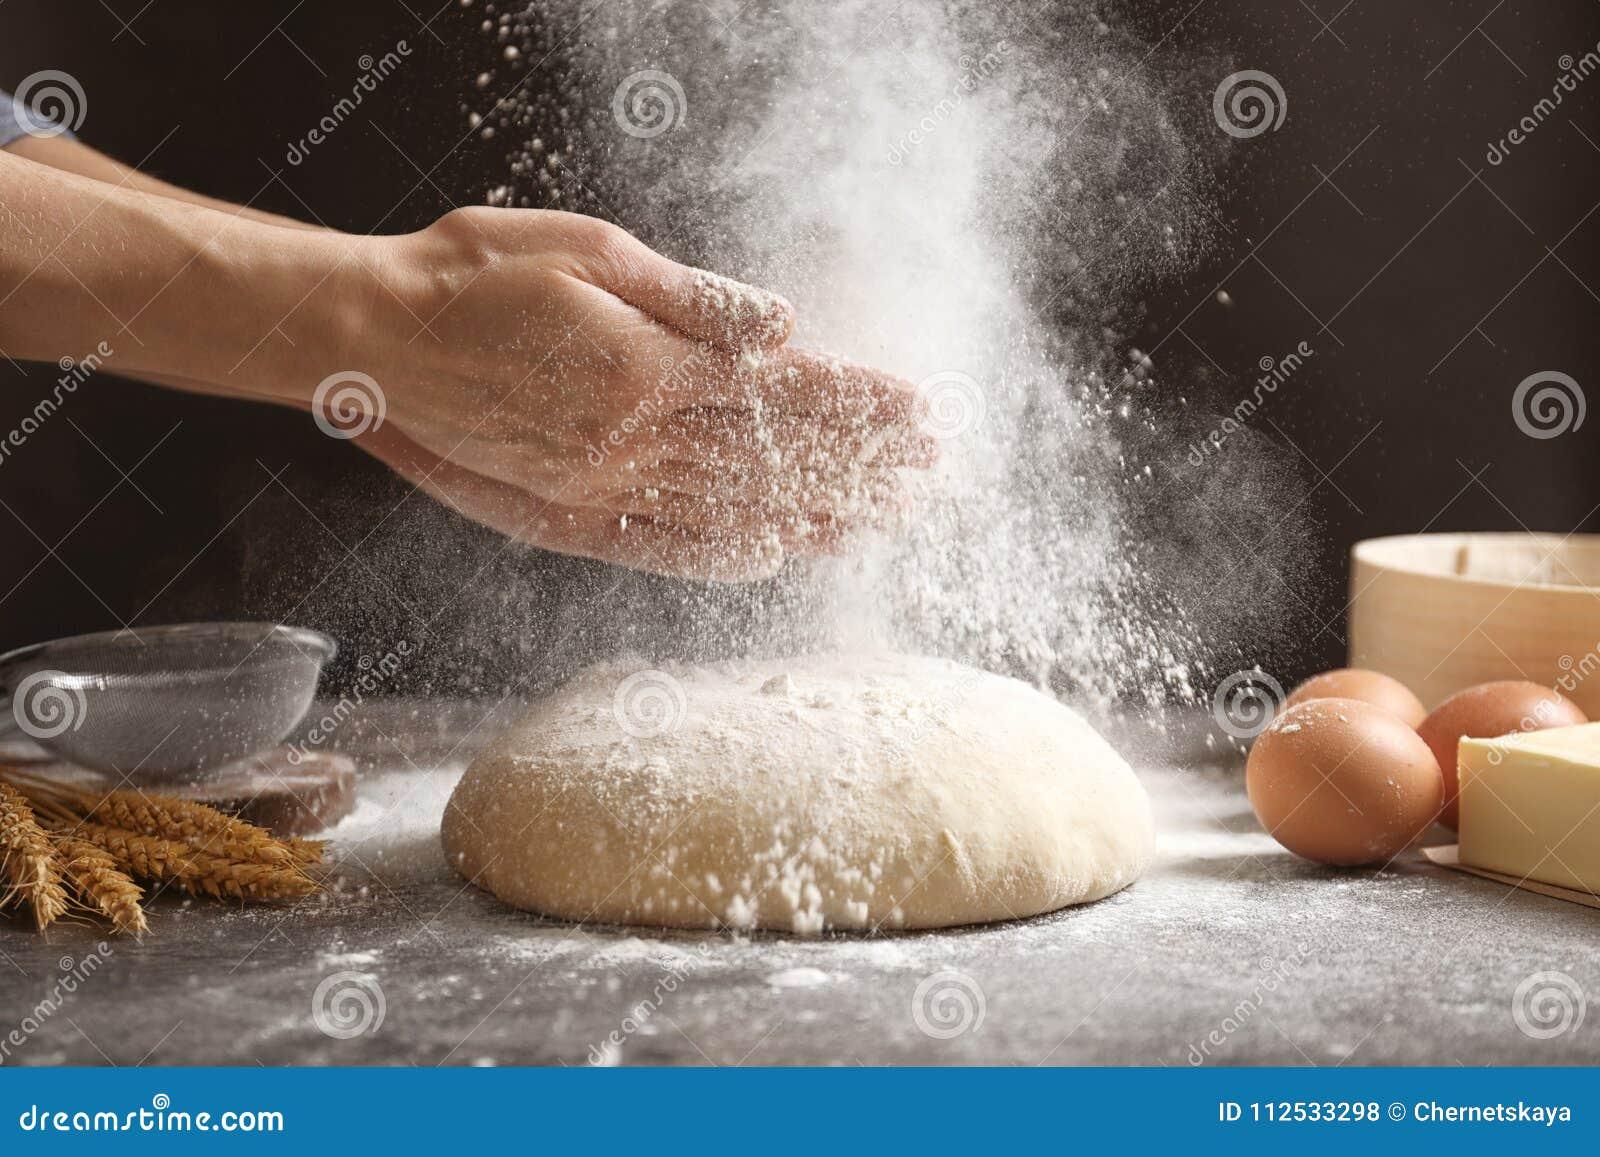 Klatschende Hände der Frau und besprühen Mehl